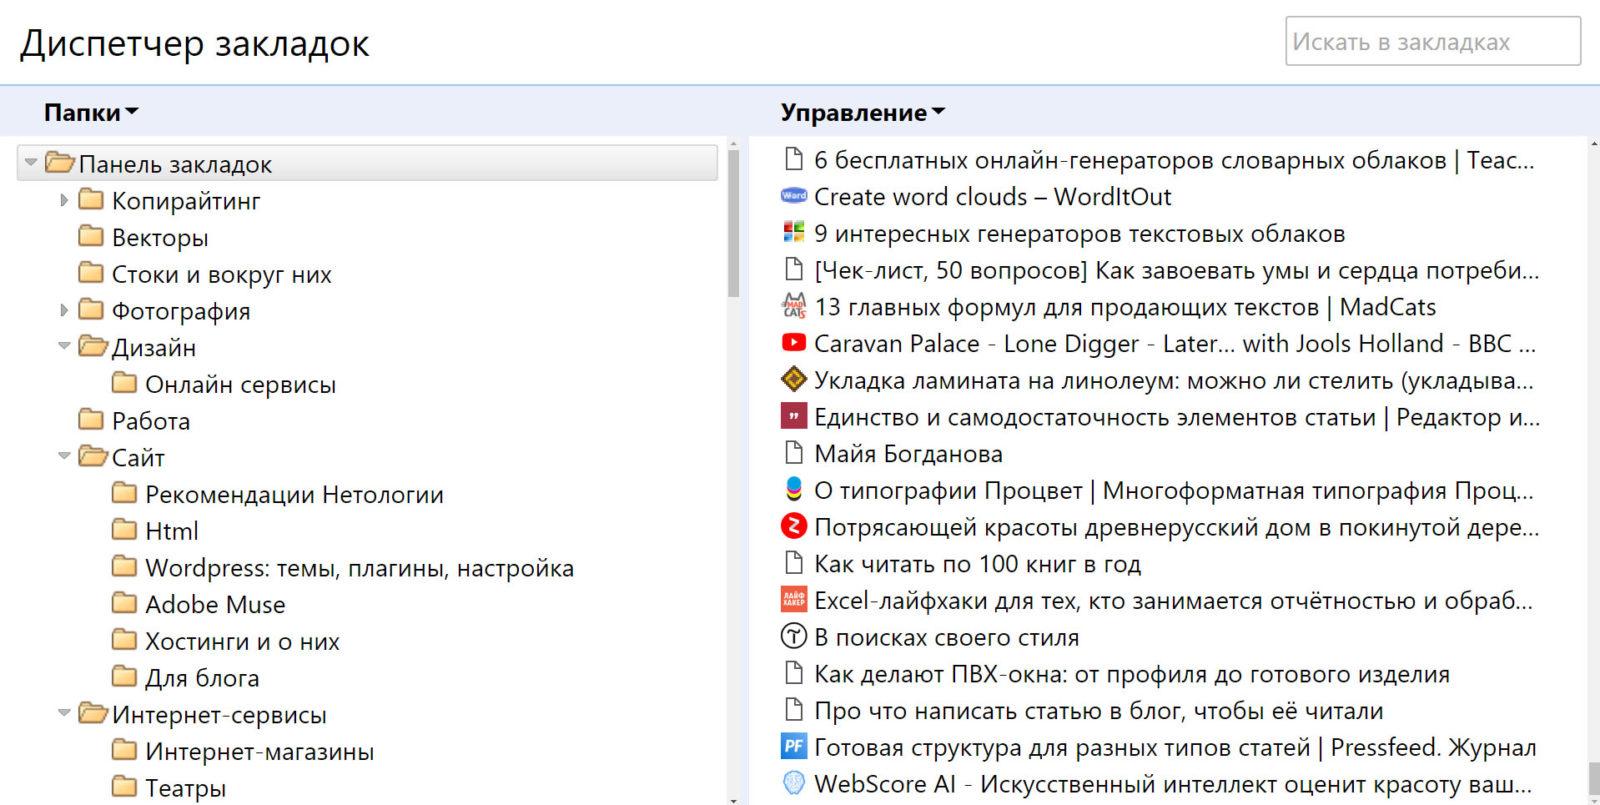 закладки моего браузера